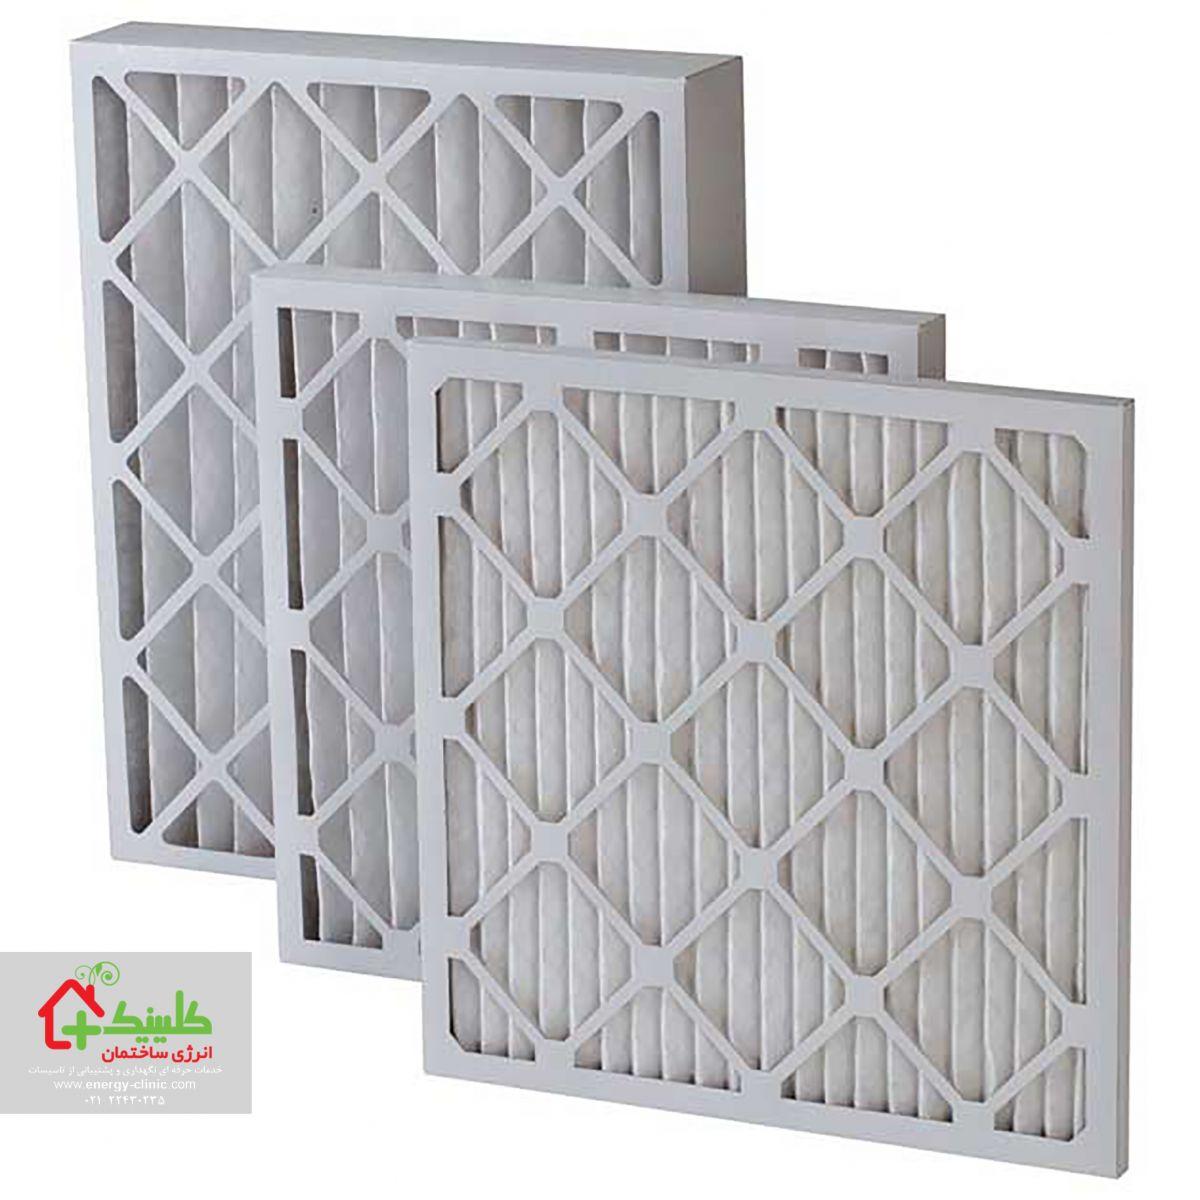 فیلتر هوای موتور کولریا هواساز و یا فن کویل خود را تعویض یا شستشو کنید